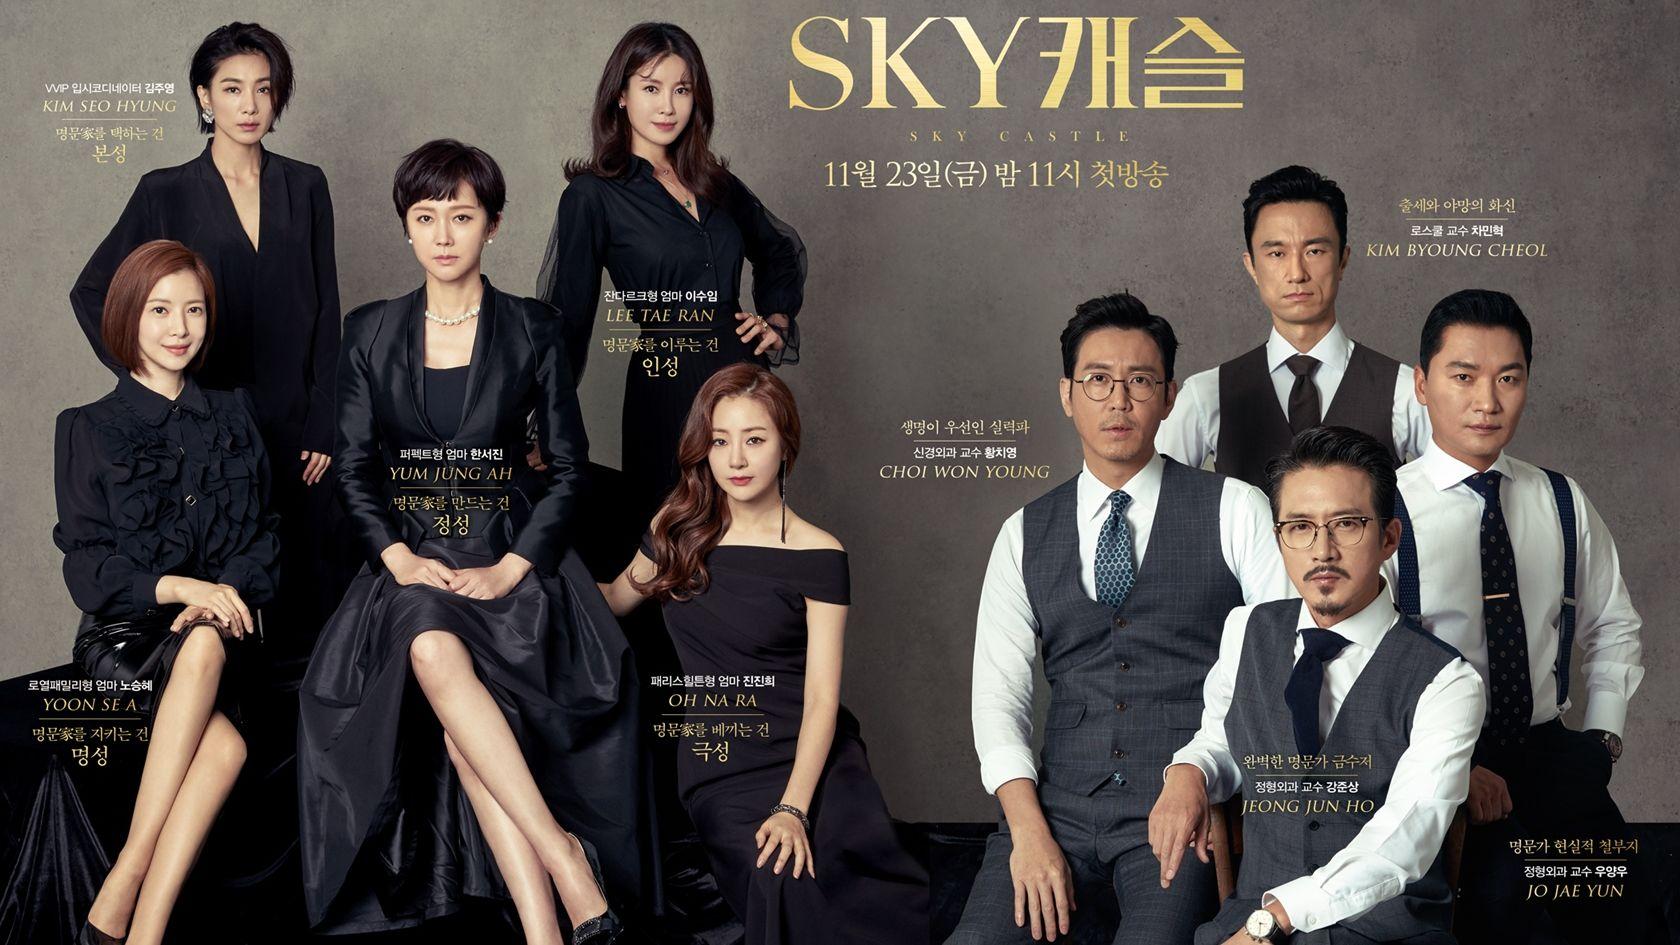 《天空之城》:韩剧也会用焦虑制造乱炖爆款